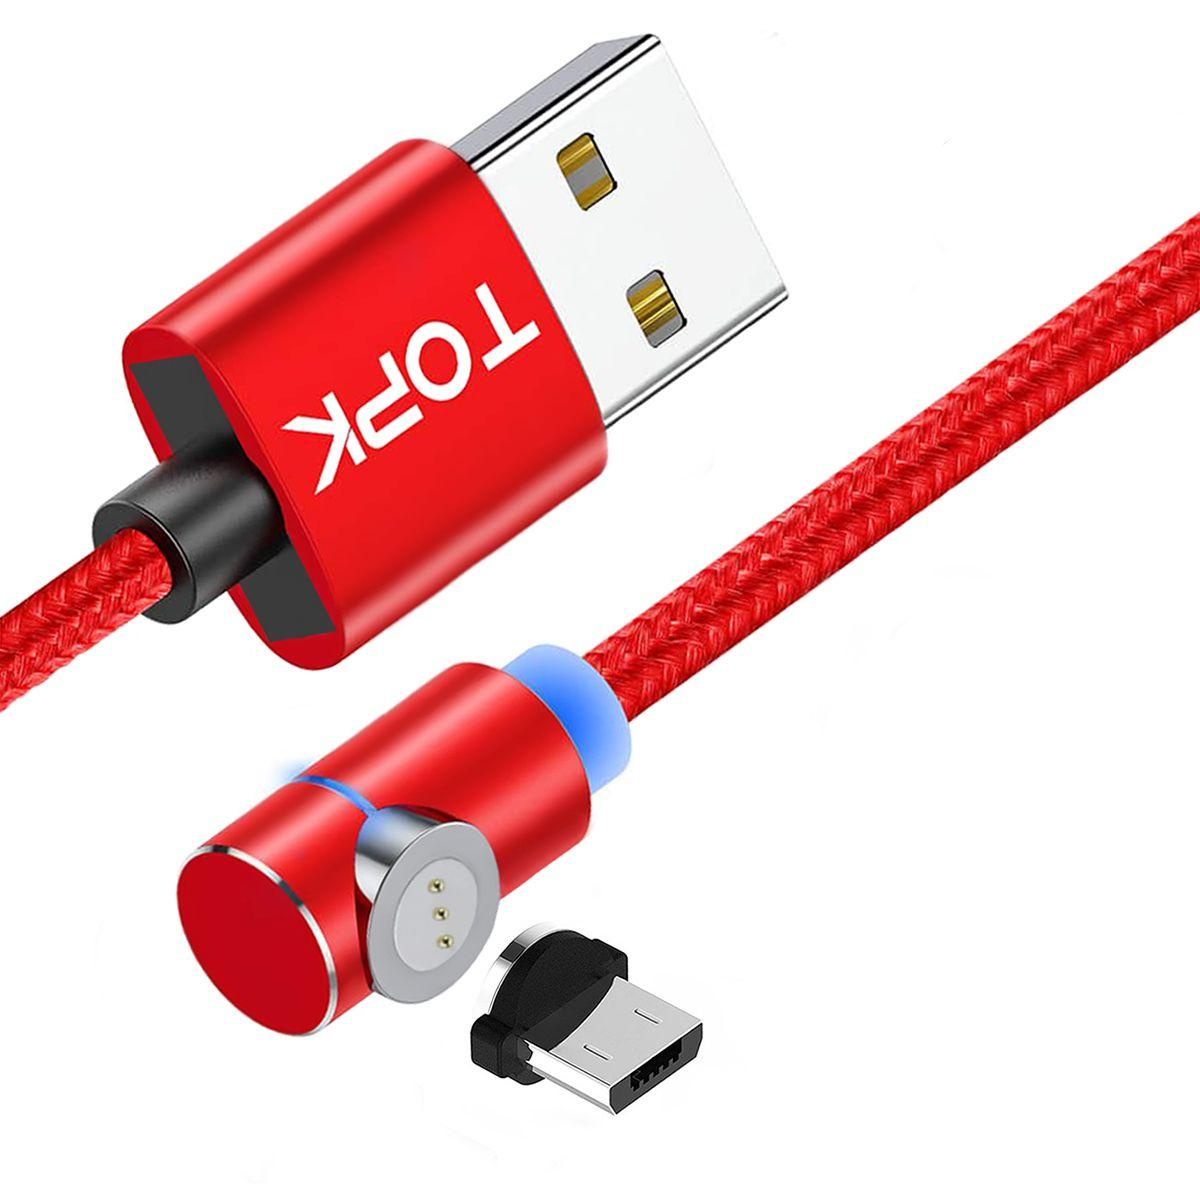 Магнітний кабель TOPK (AM69) micro USB (SL 5A) для заряджання і передачі даних (100 см) Red